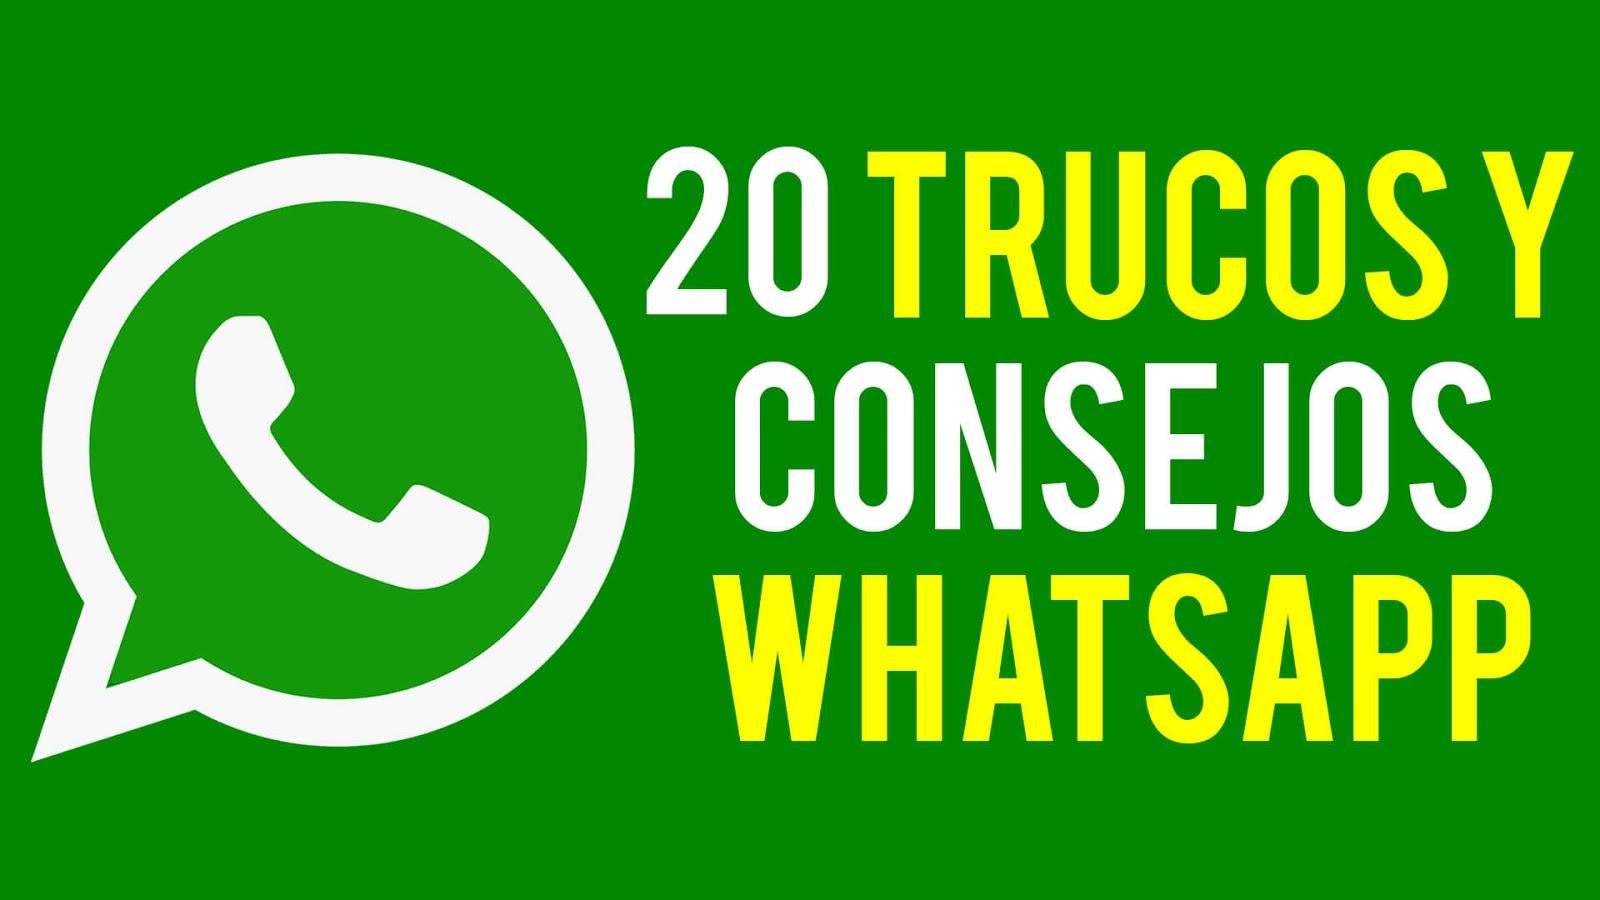 los mejores consejos y trucos de whatsapp 2019